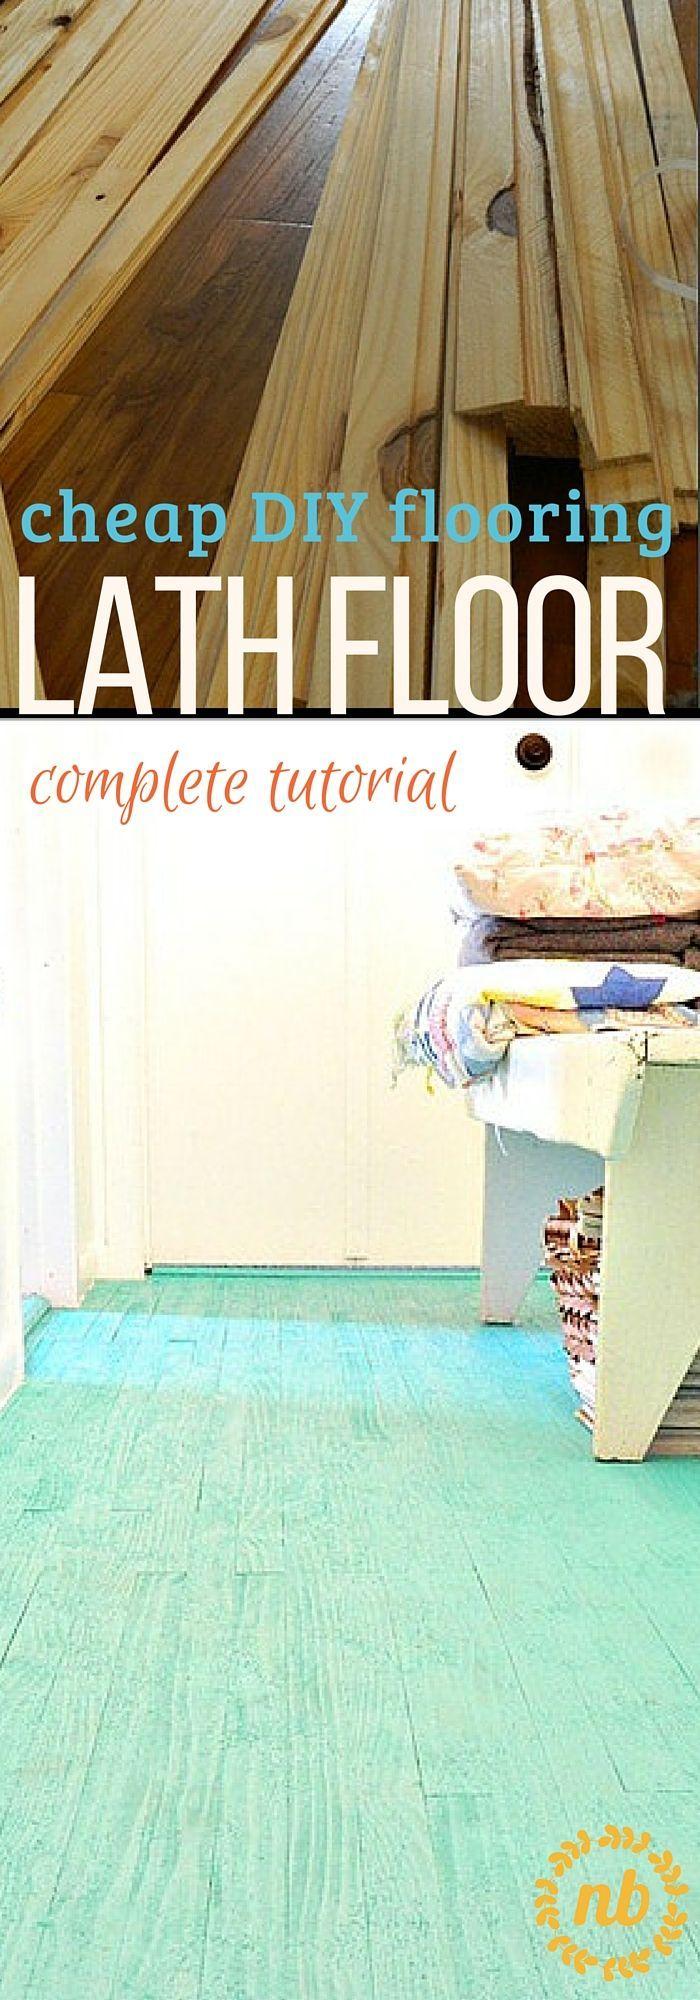 25 best Cheap flooring ideas on Pinterest  Cheap flooring ideas diy Cheap basement ideas and